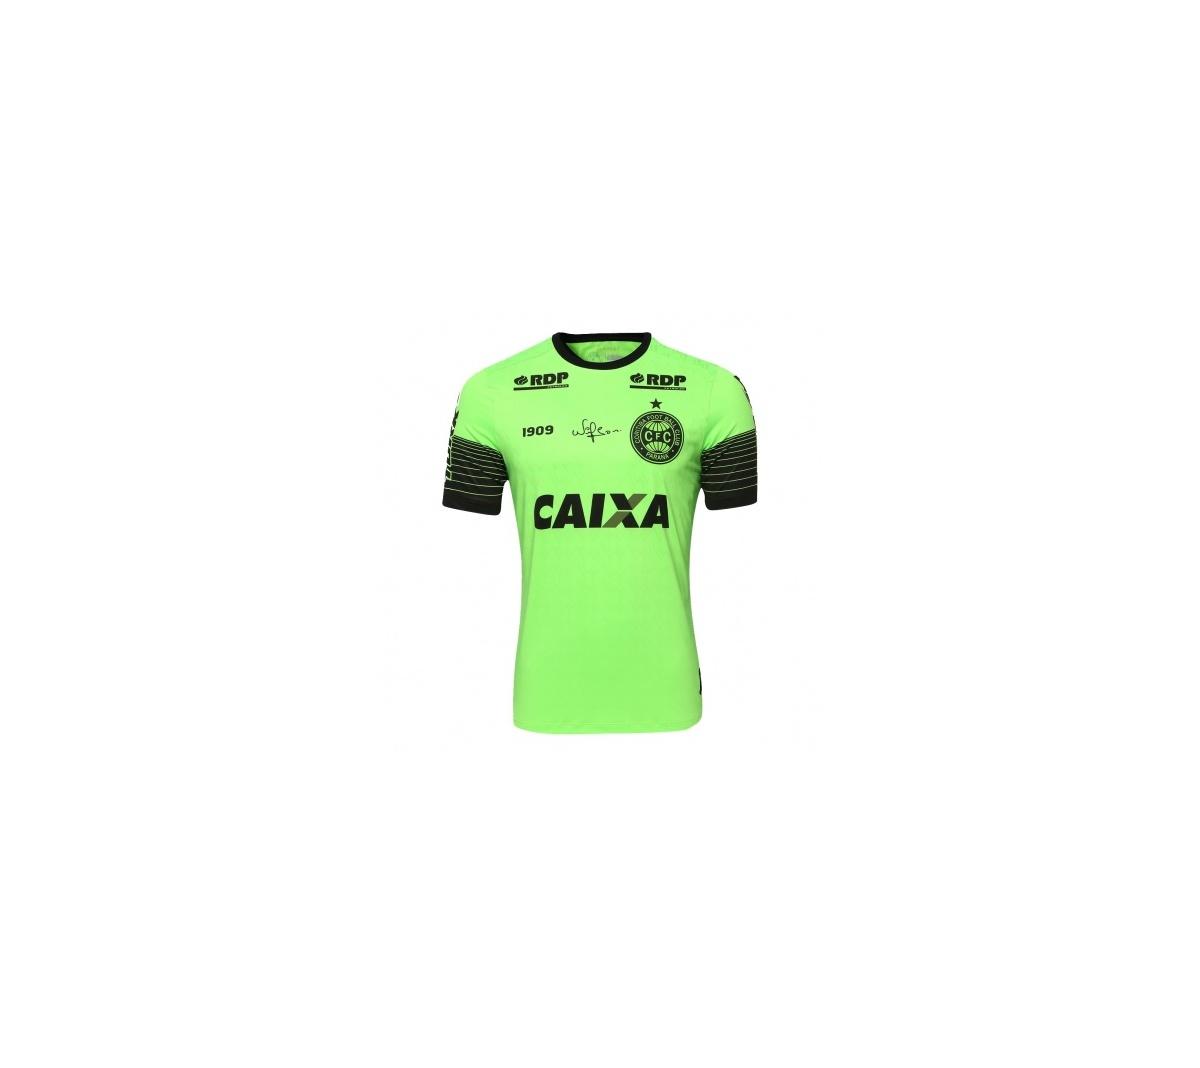 Camisa Coritiba Adulta Oficial Jogador 1909 Goleiro 2018.